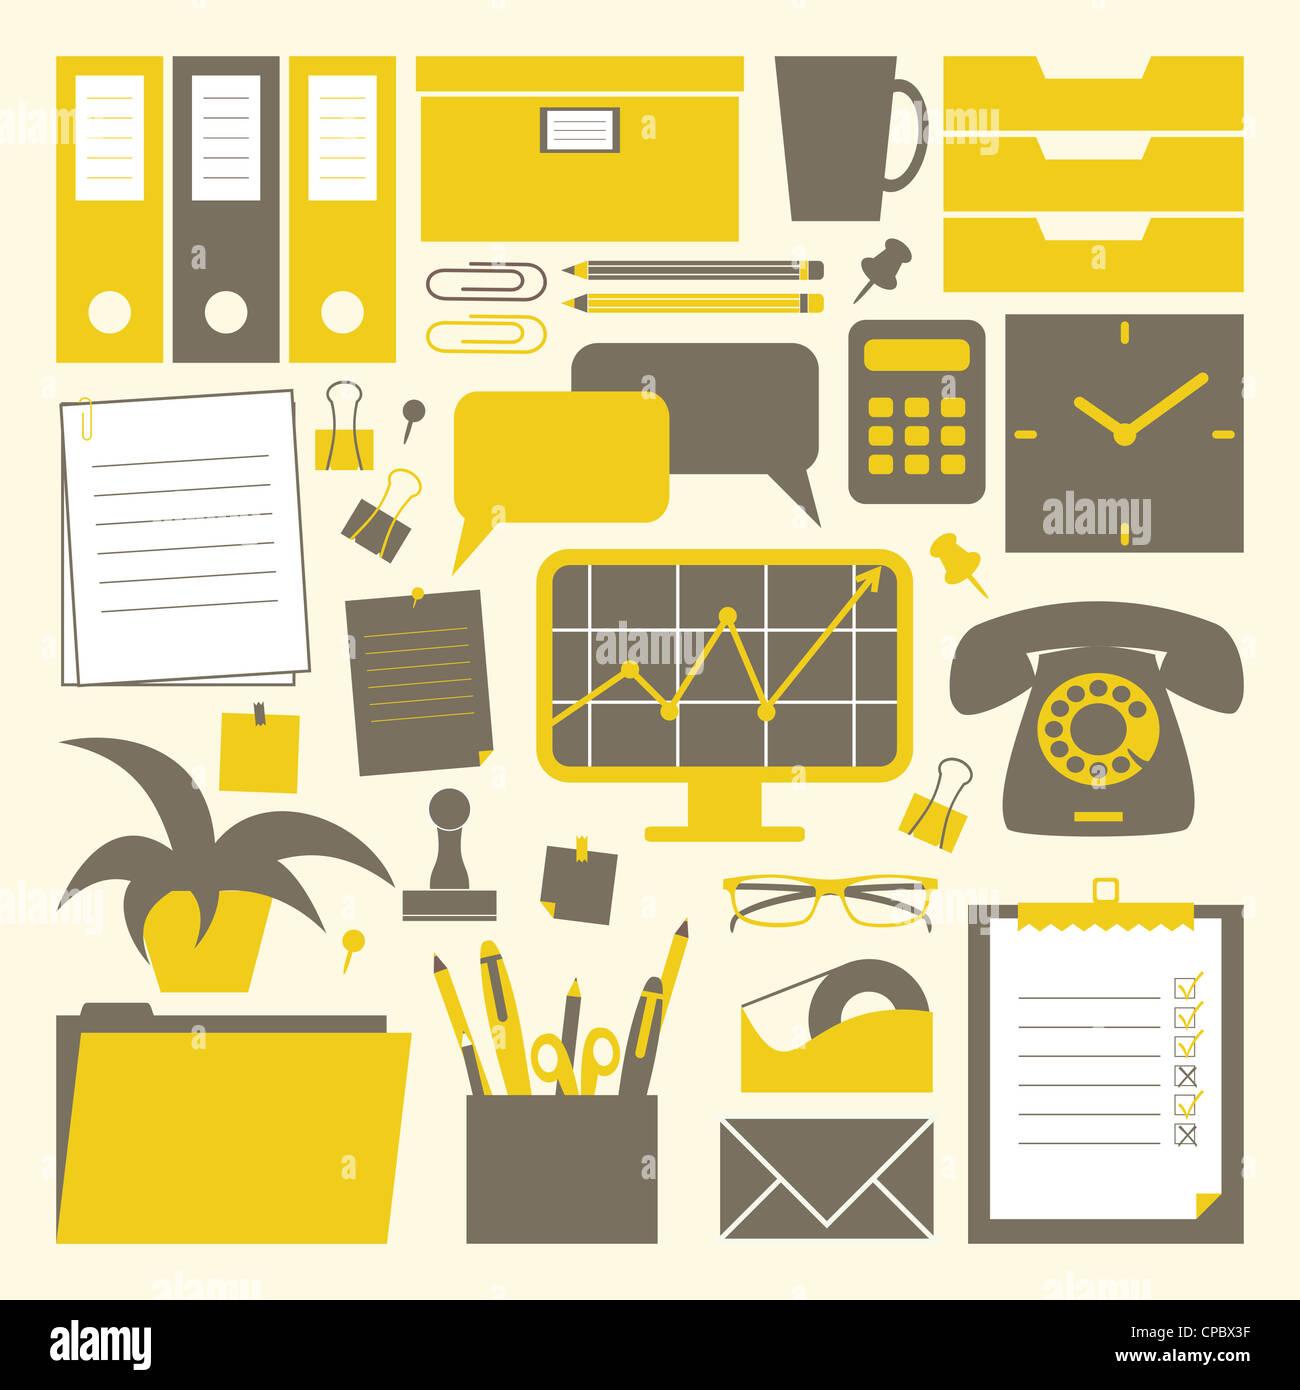 Une collection d'objets de bureau connexes en jaune, gris foncé et blanc. Photo Stock